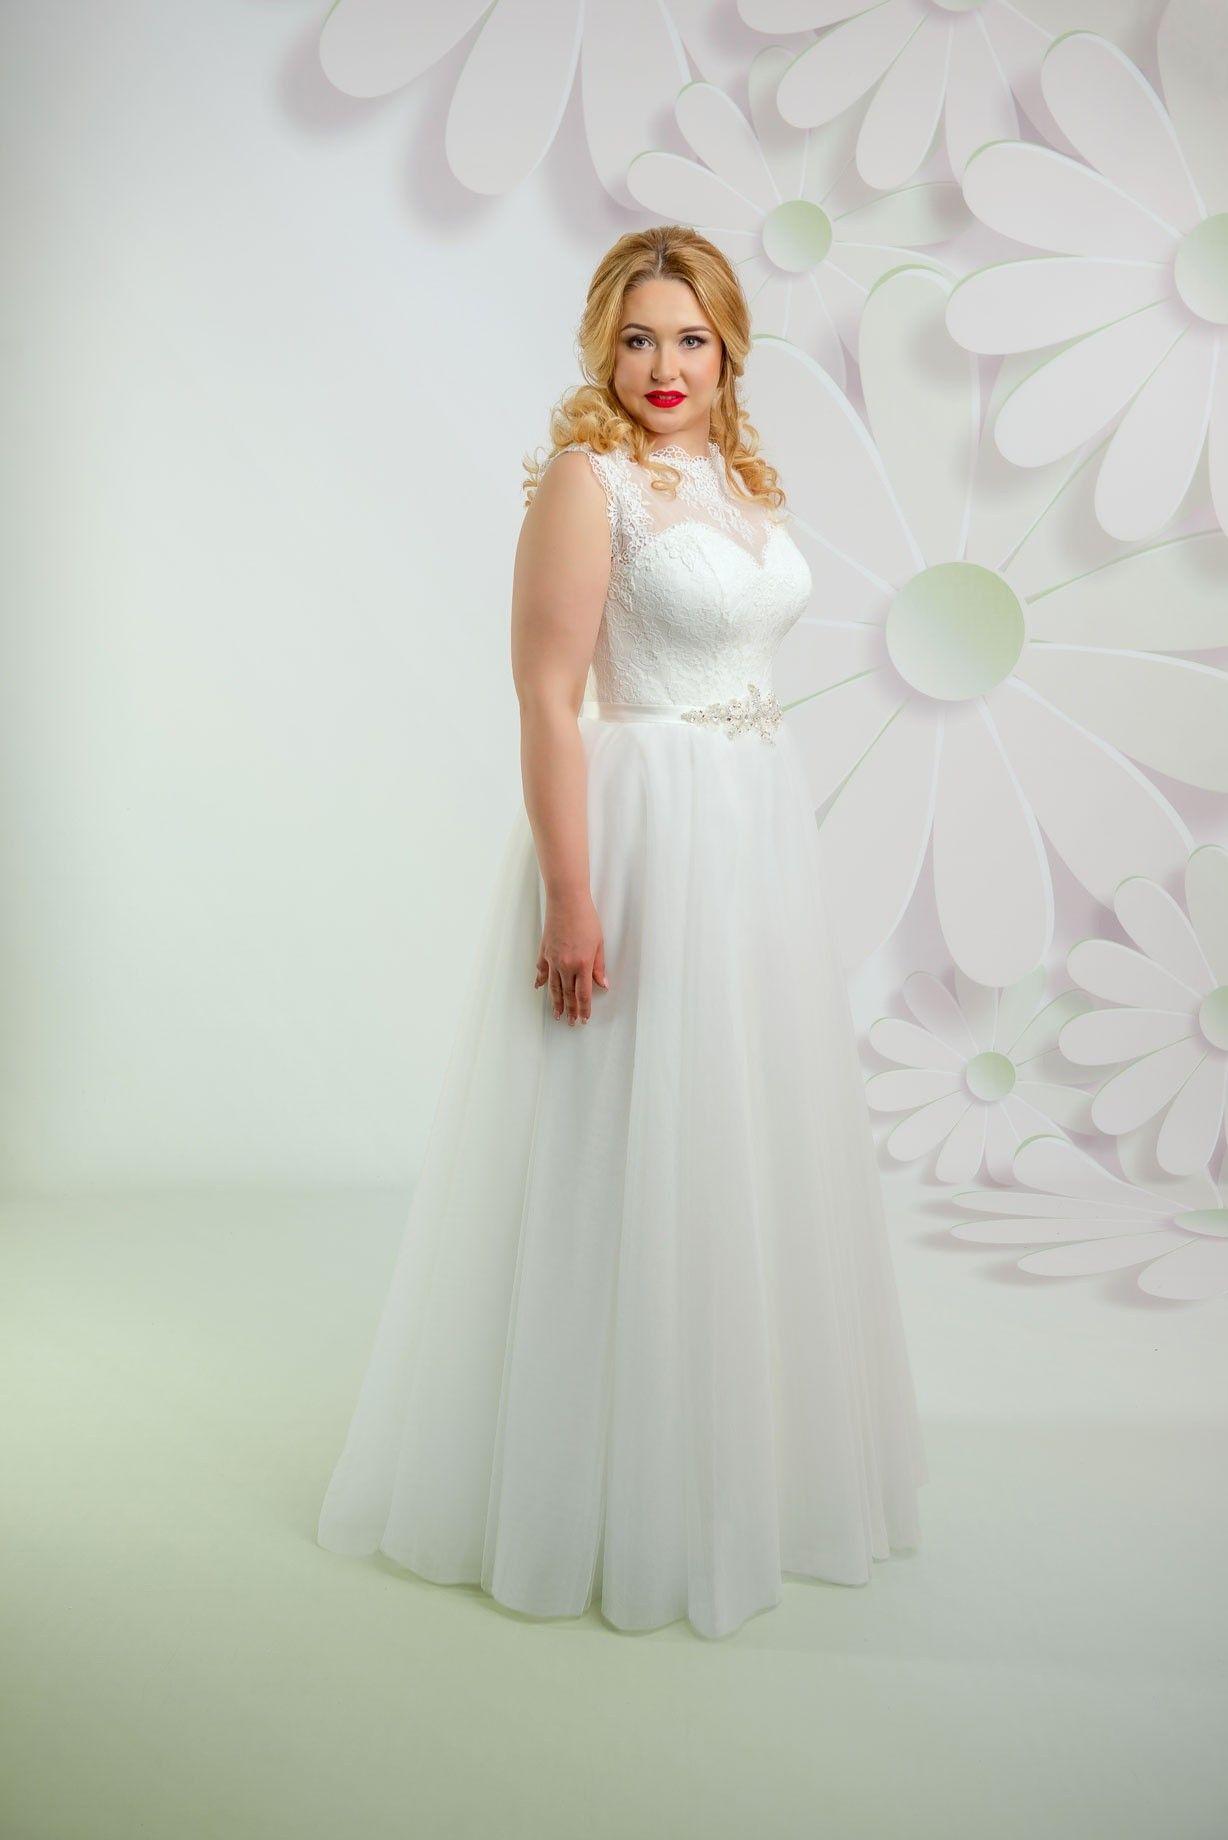 206a12f270a0 Krásne svadobné šaty s tylovou sukňou a čipkovaným vrškom zdobené opaskom